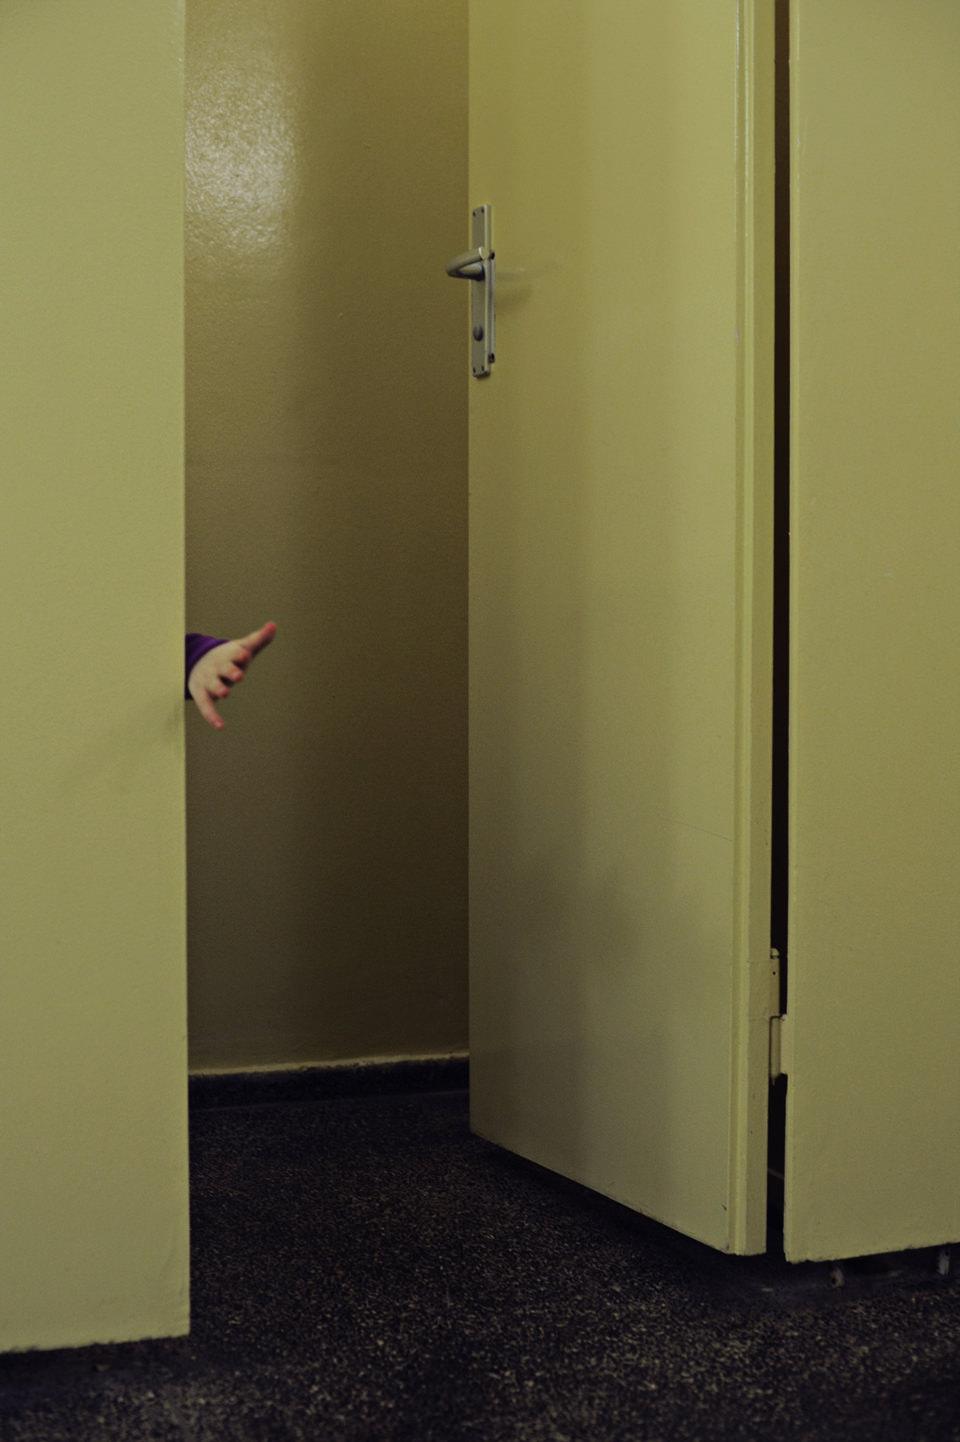 Eine Kinderhand greift durch eine Tür.